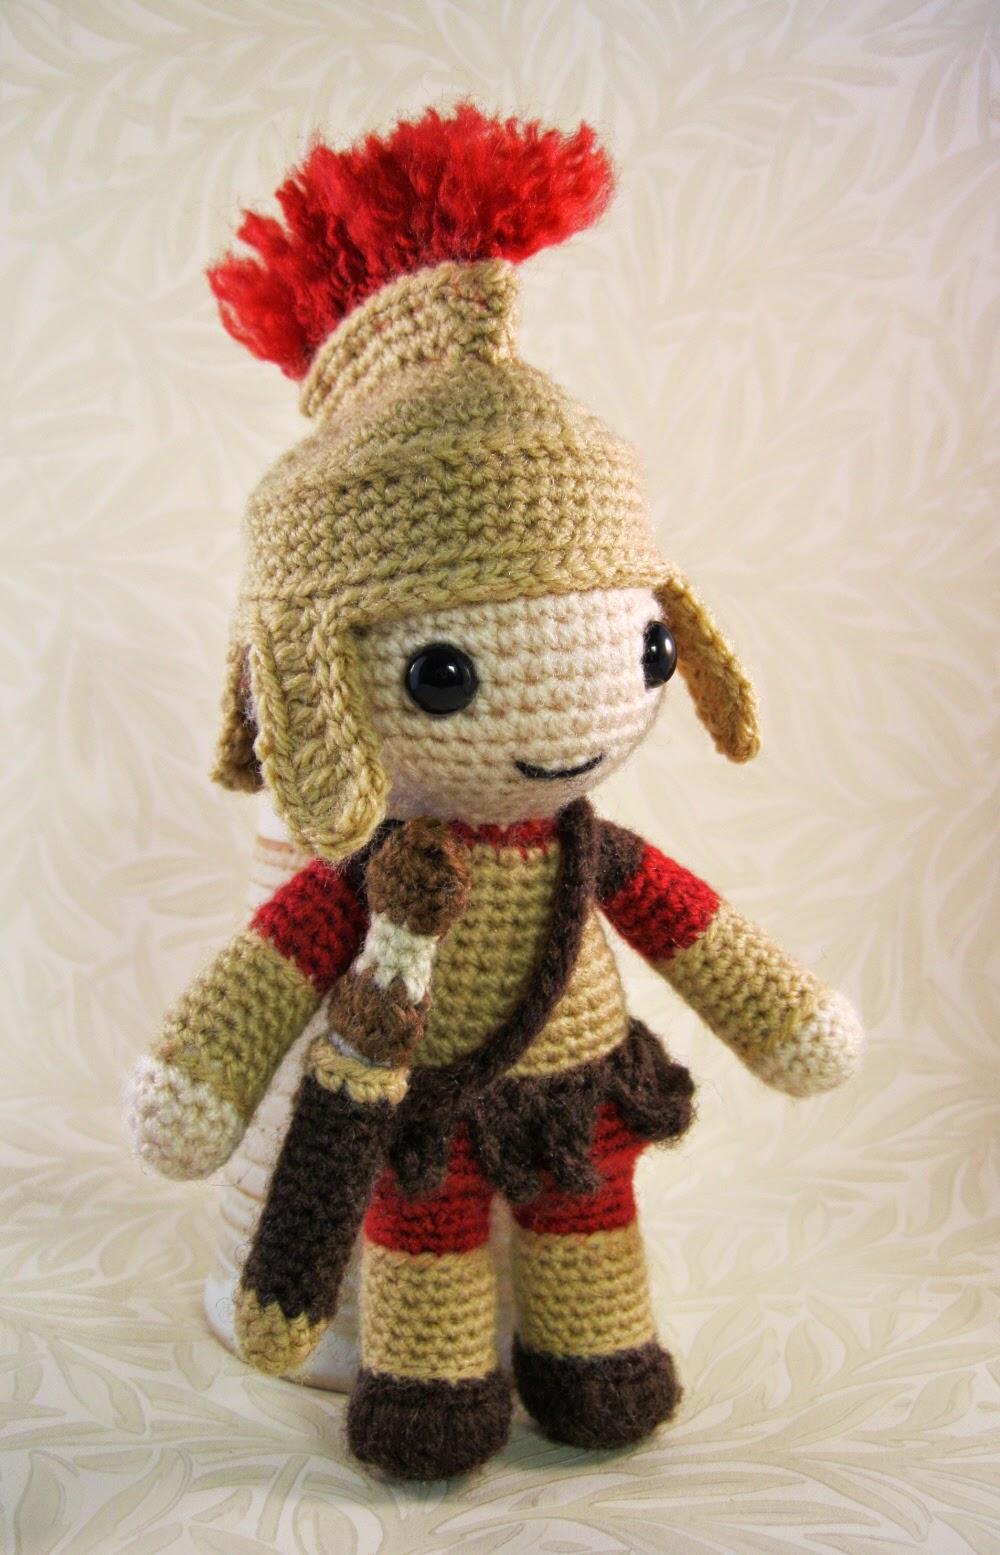 LucyRavenscar - Crochet Creatures: Roman Soldier Amigurumi ...